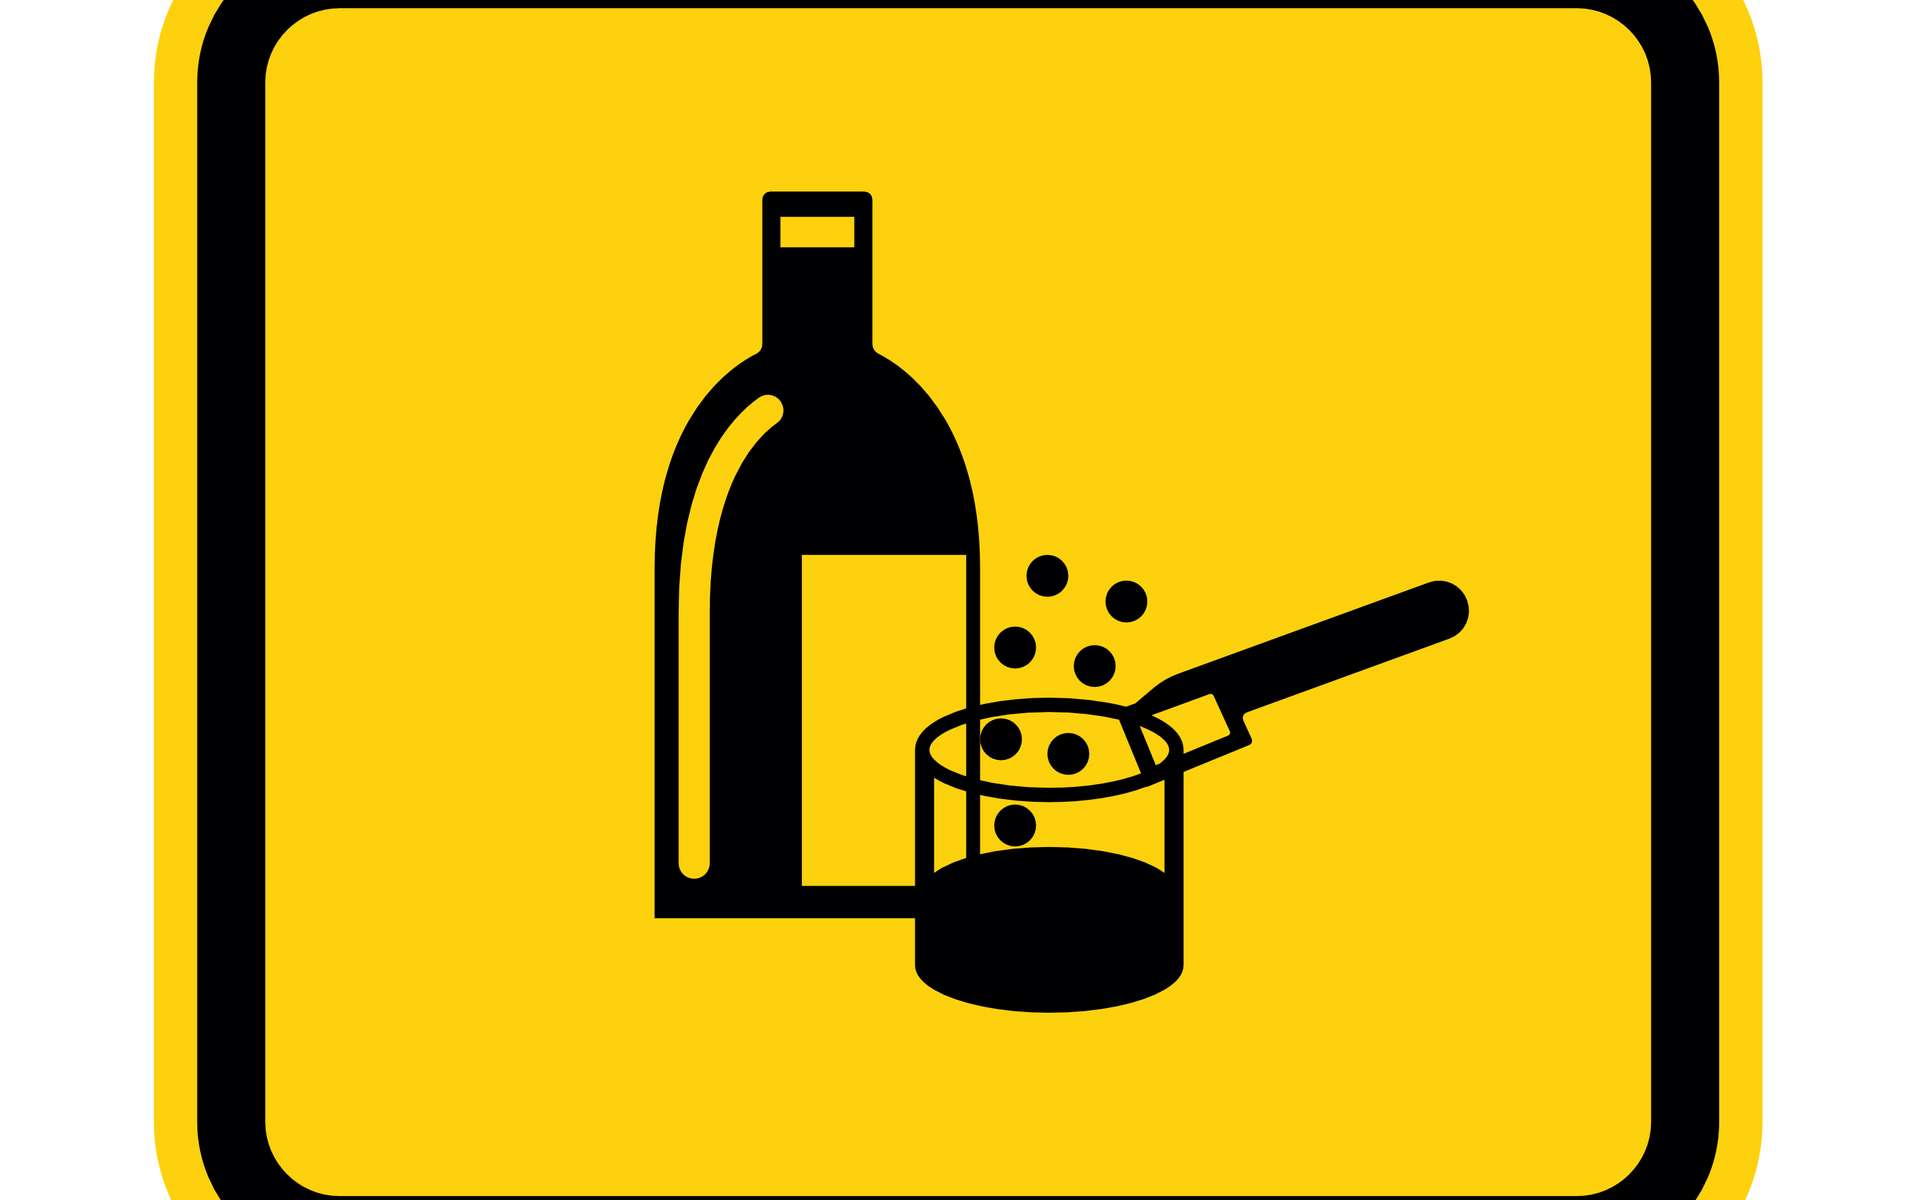 L'acide sulfurique est extrêmement acide et corrosif. © Seetwo, Adobe Stock